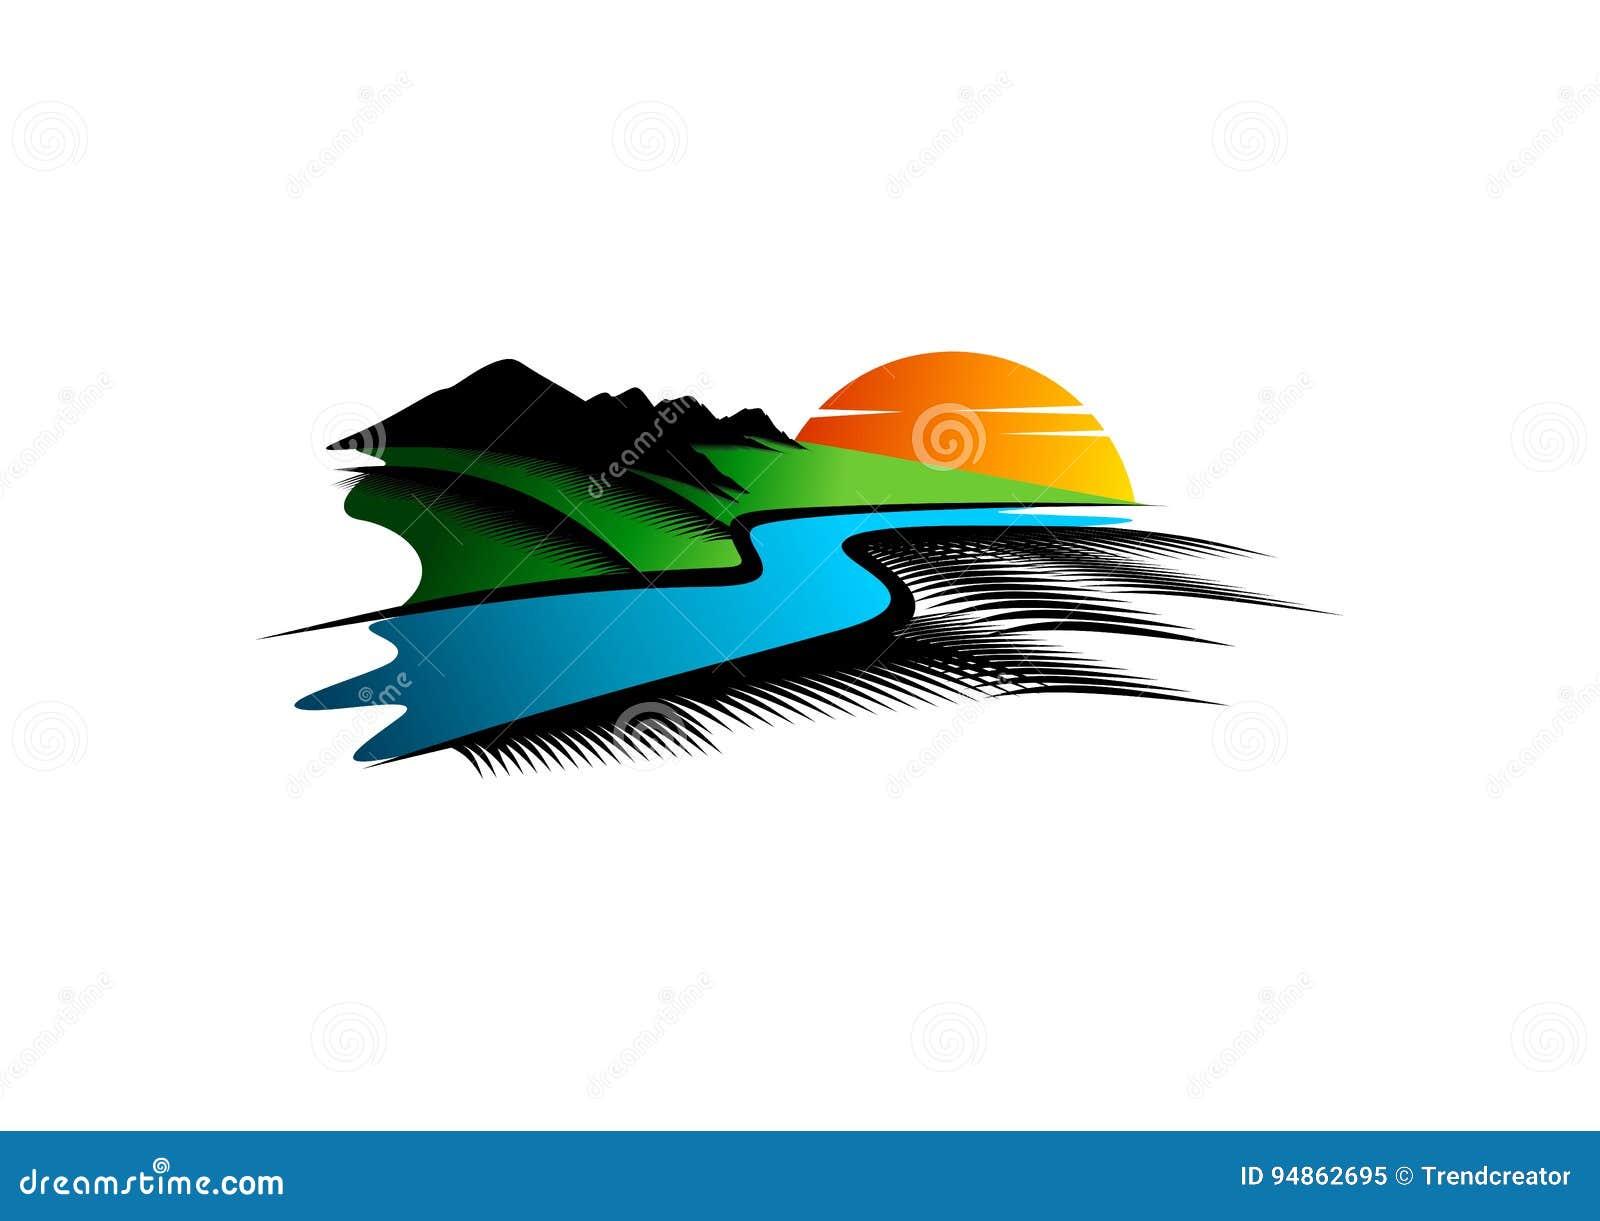 Landscape Illustration Vector Free: Landscape Logo, River Symbol, Mountain Illustration